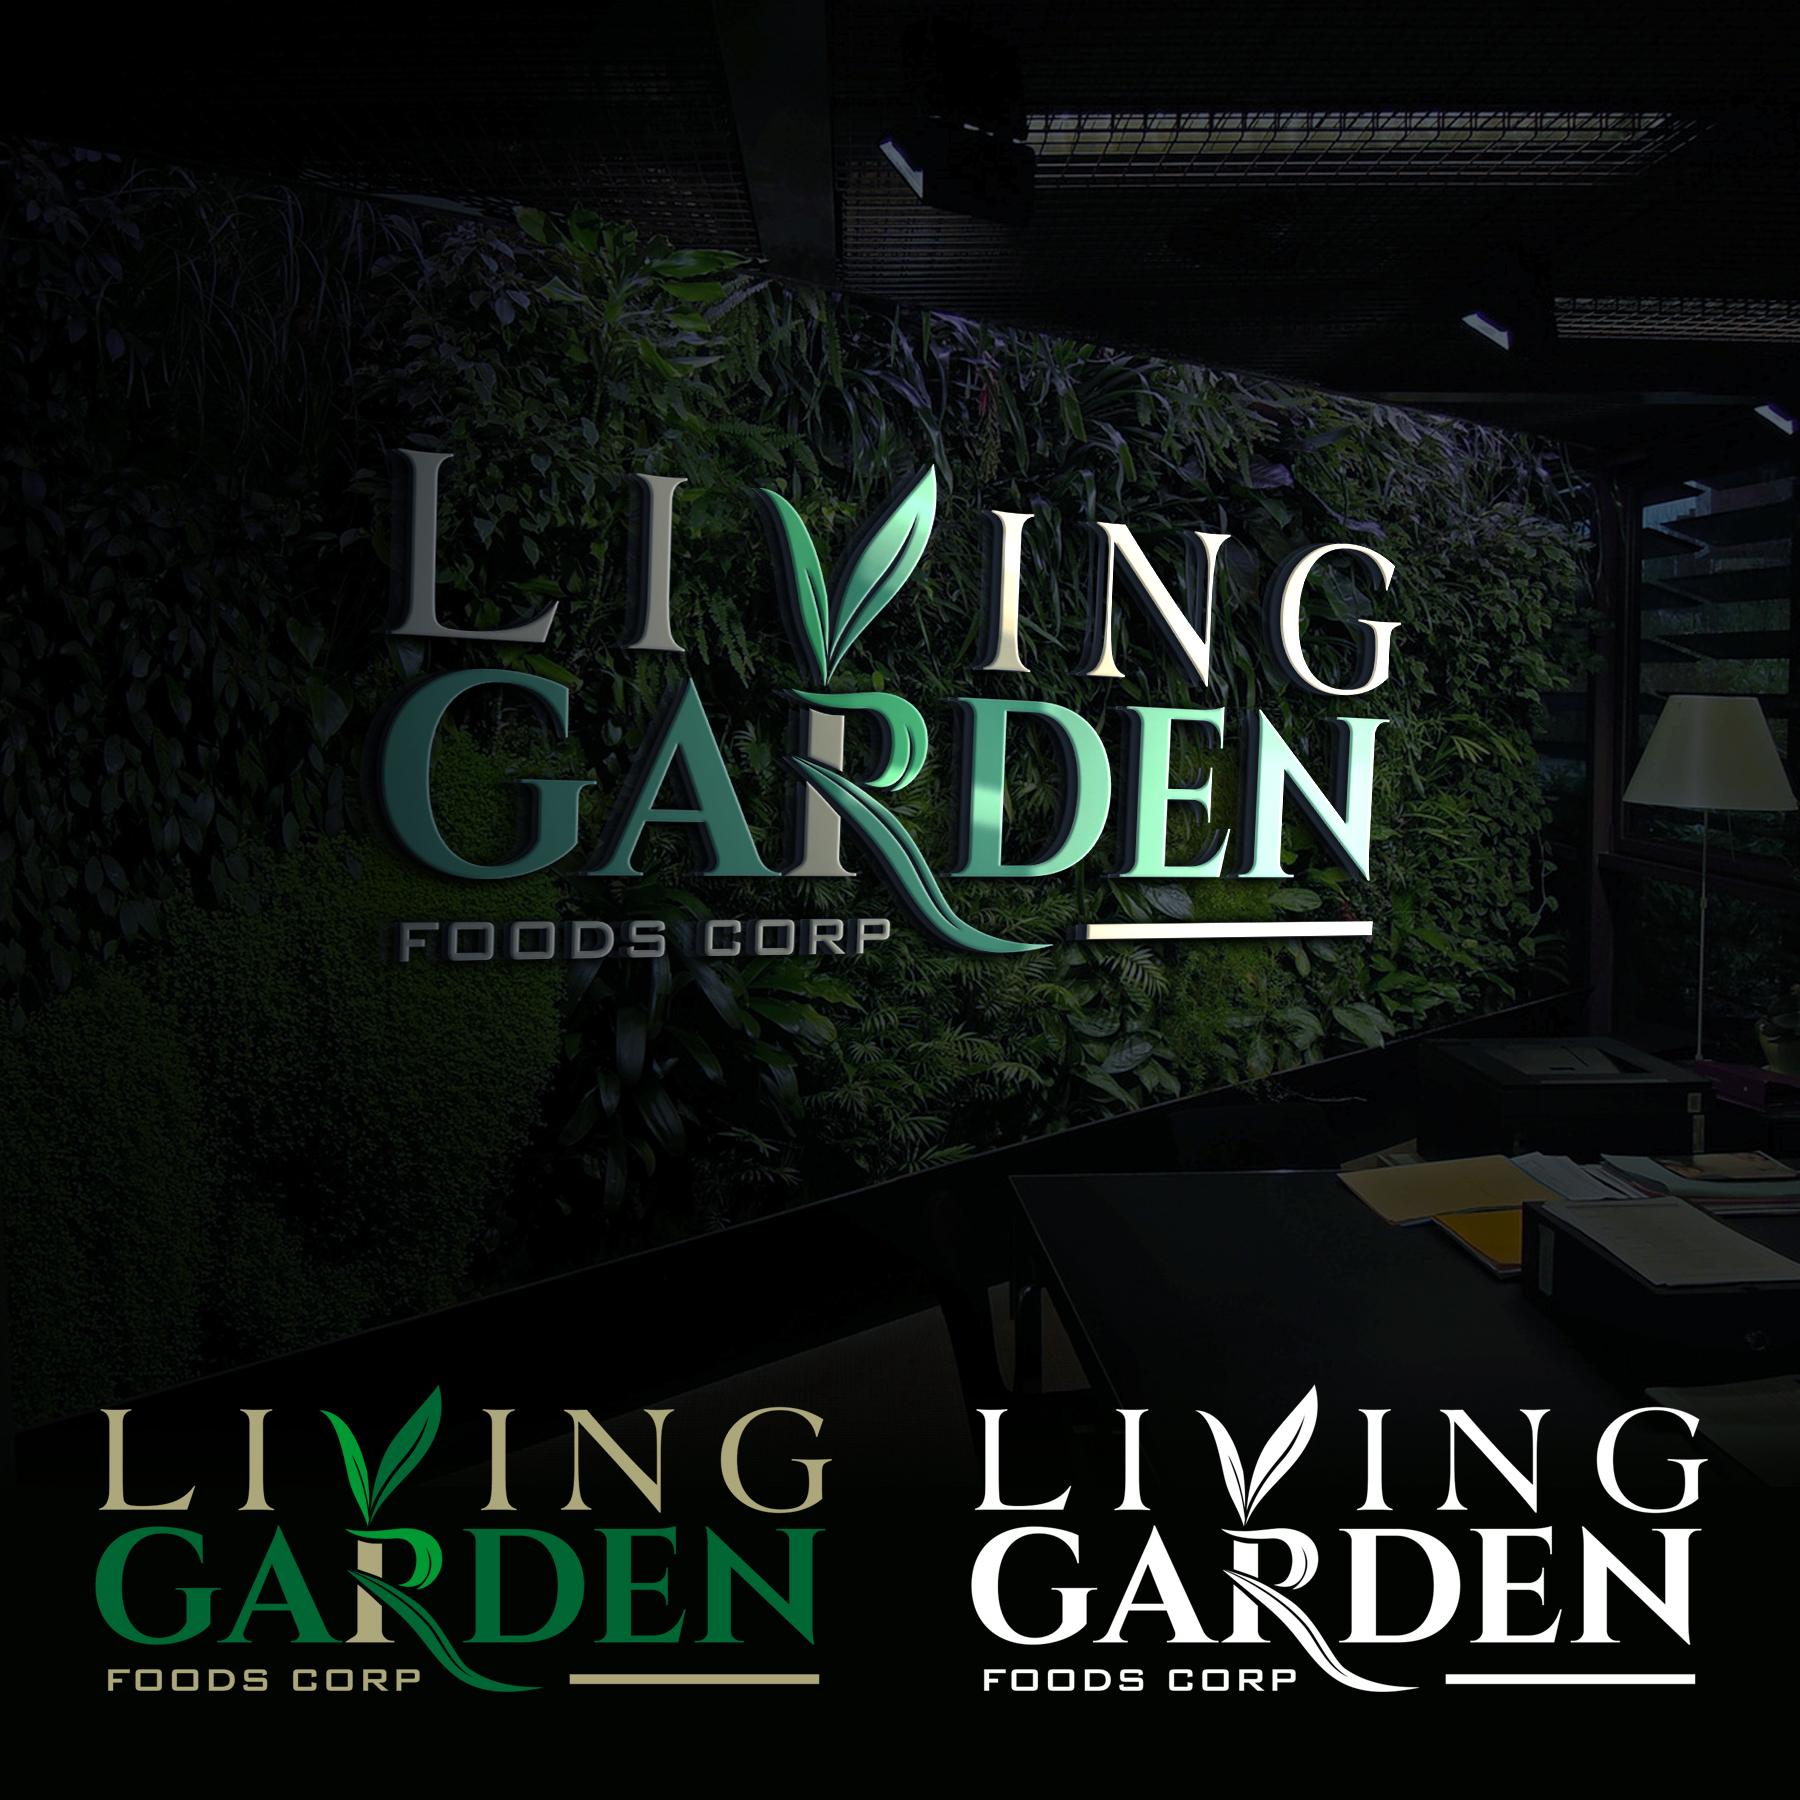 logo design contests logo design for vertical farming business